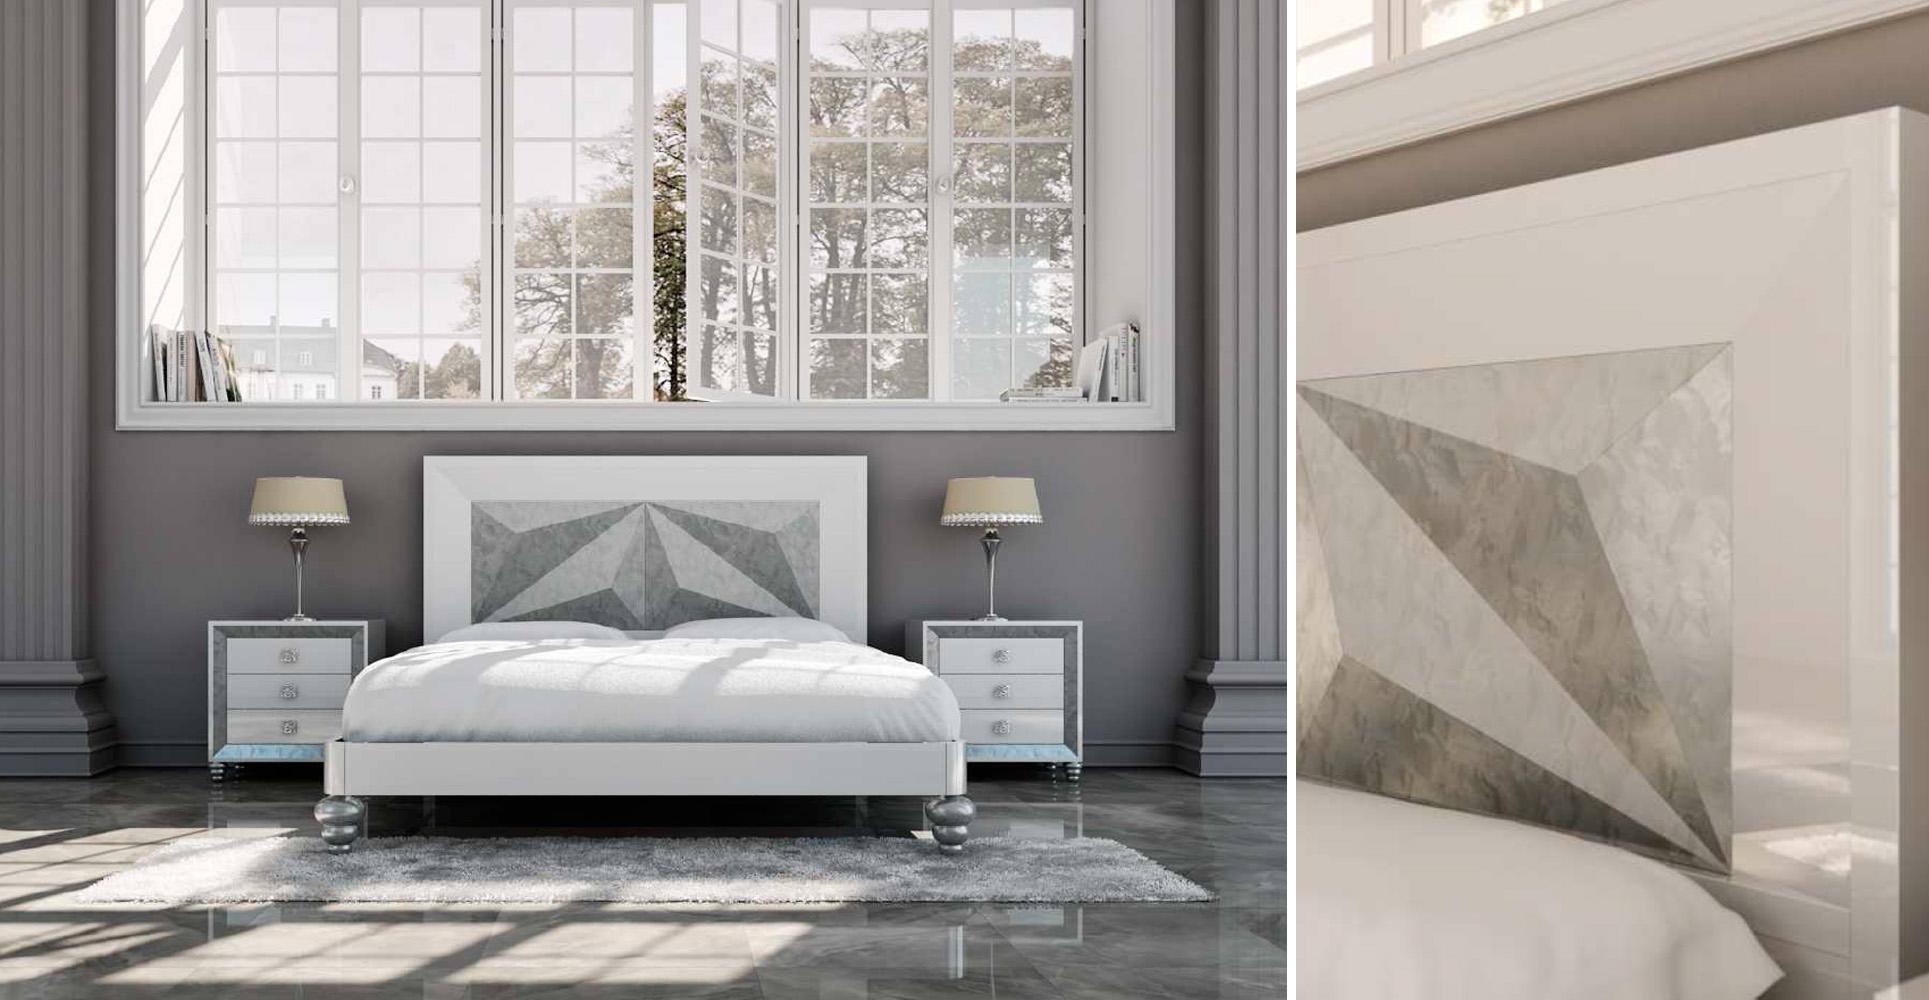 dormitorio de estilo contemporaneo (116)